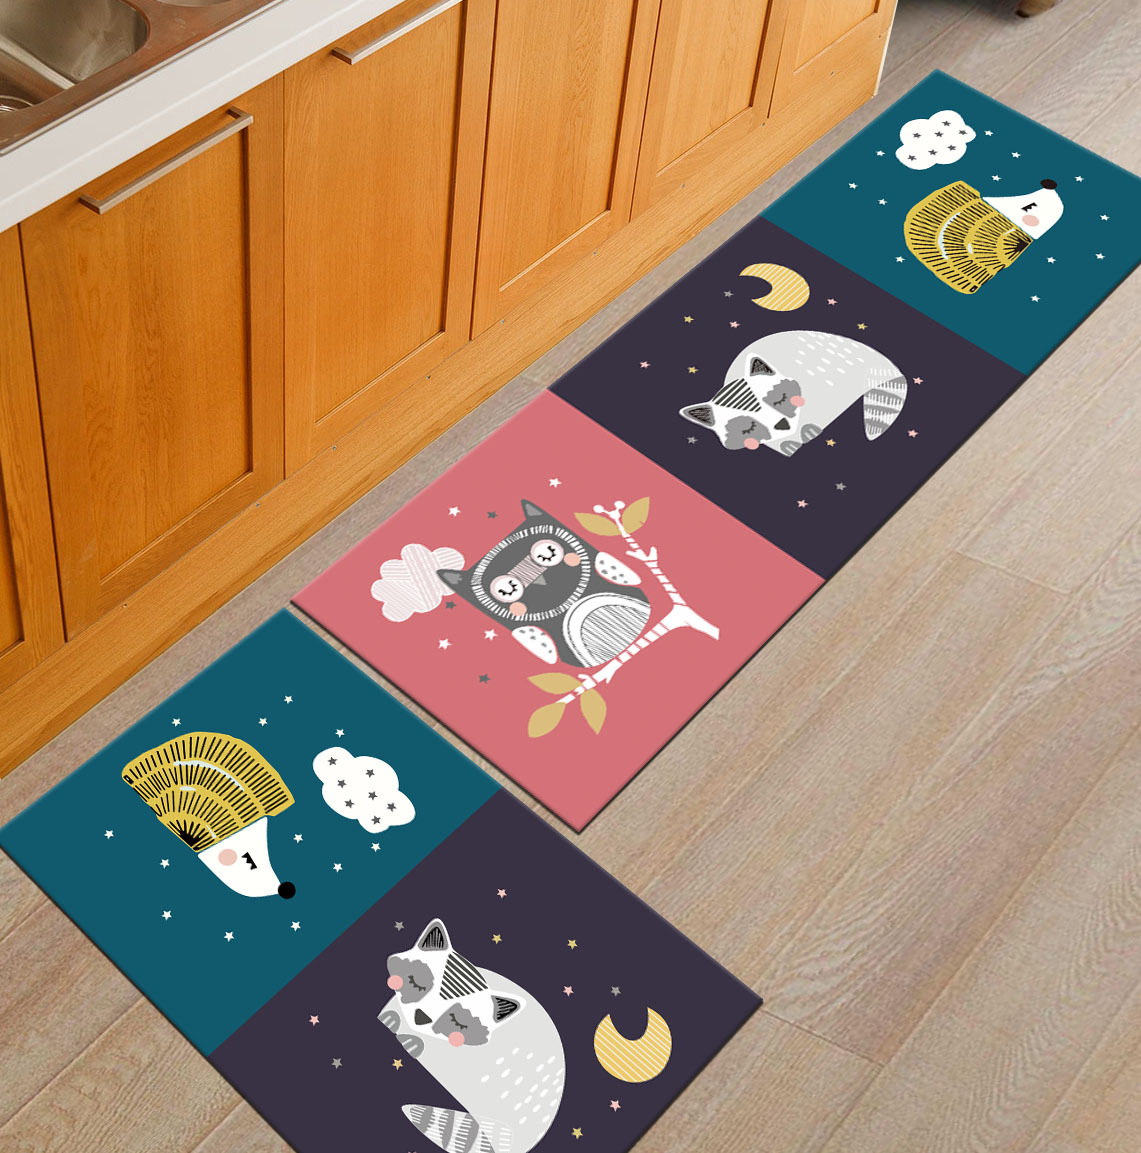 Современный геометрический Коврик для кухни, Противоскользящий коврик для ванной комнаты, домашний Коврик для прихожей/прихожей, коврик для шкафа/балкона, креативный ковер - Цвет: 7